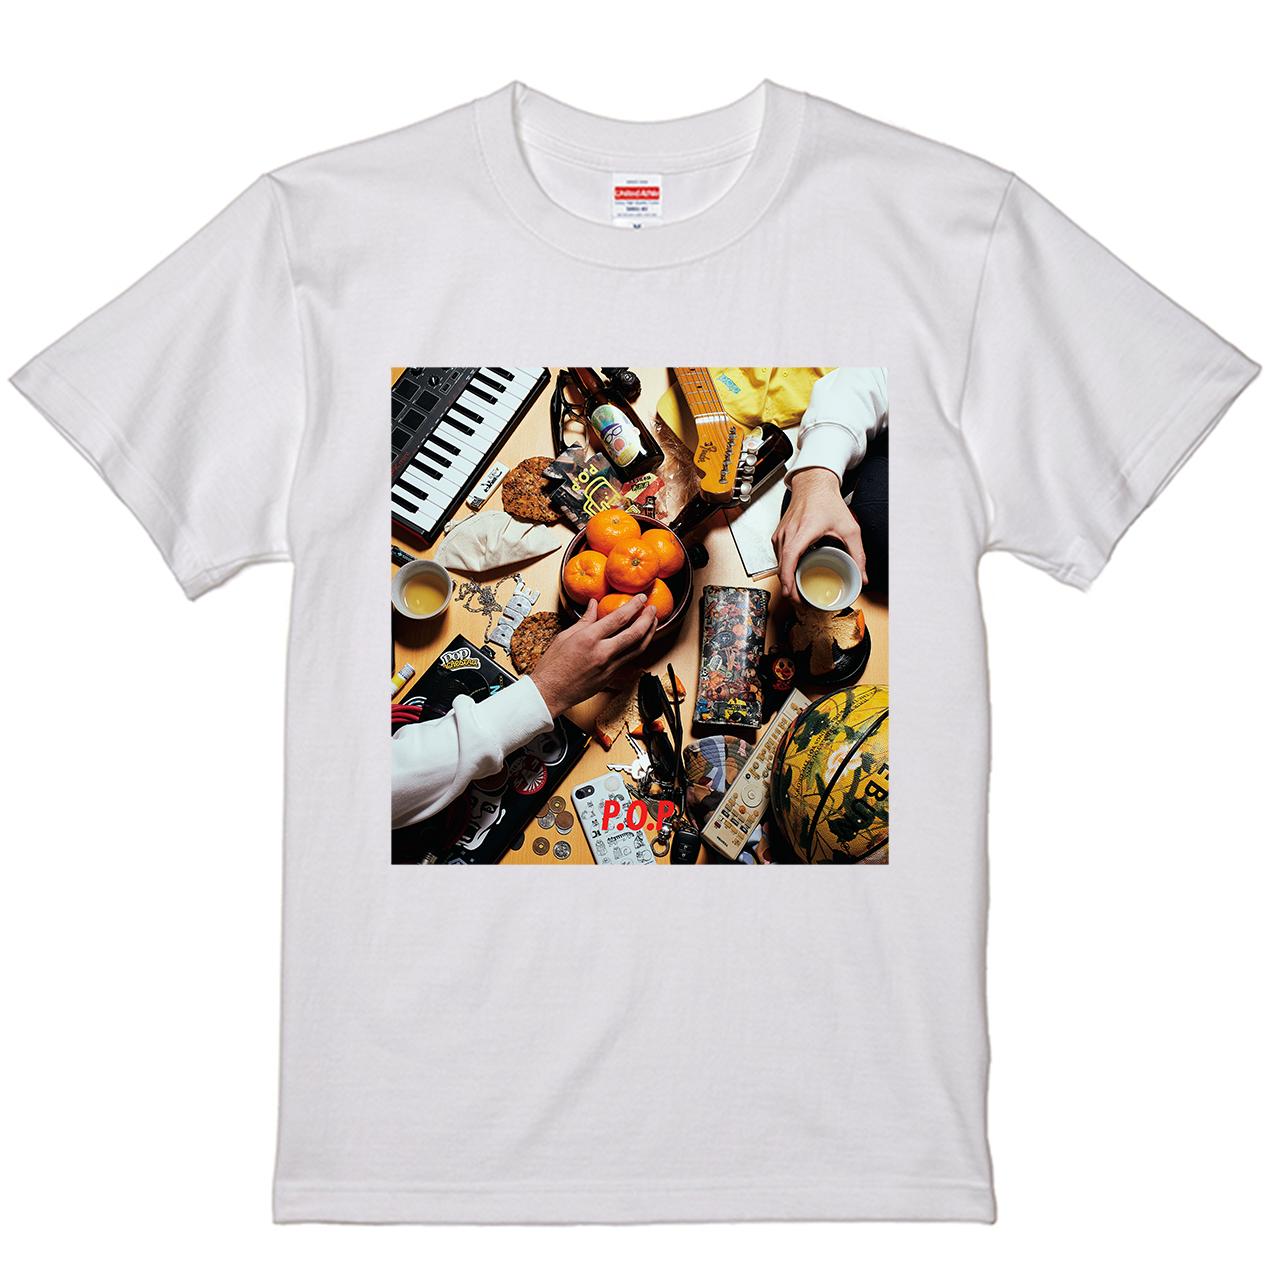 P.O.P いつもSTREET Tシャツ - 画像2